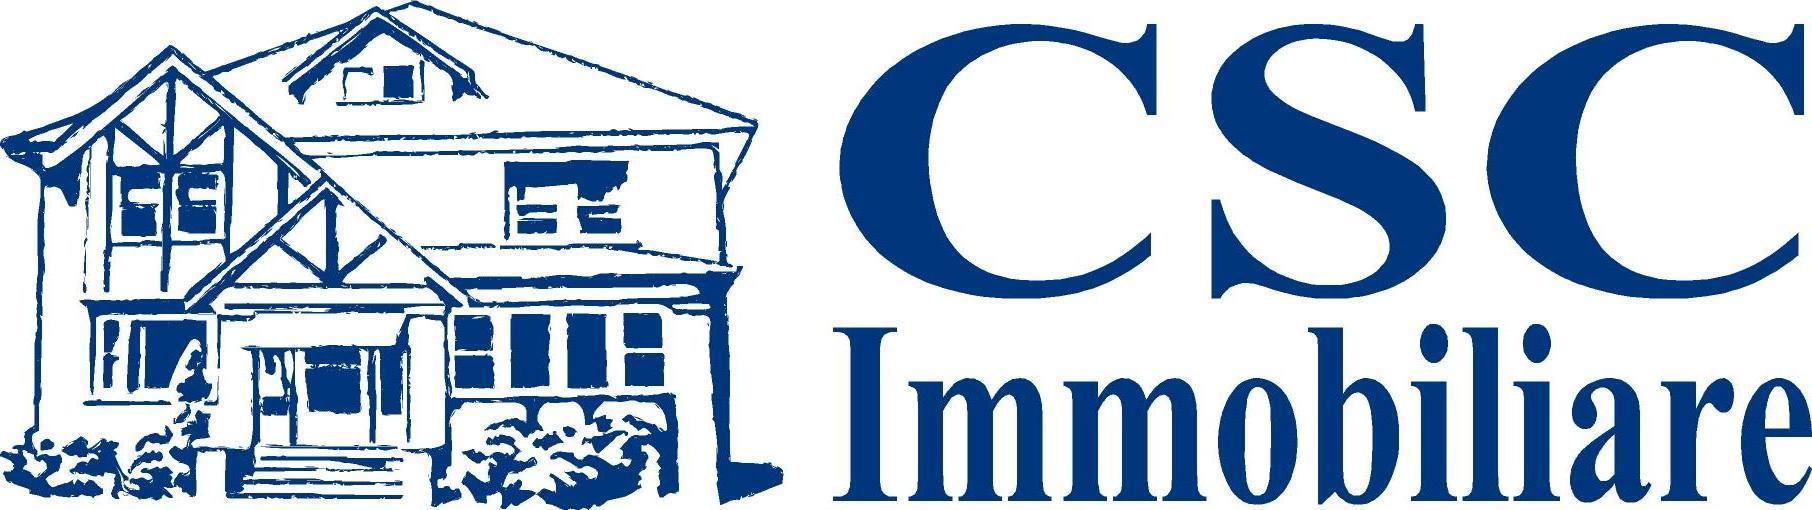 C.S.C. IMMOBILIARE Dott.ssa Catania Luana